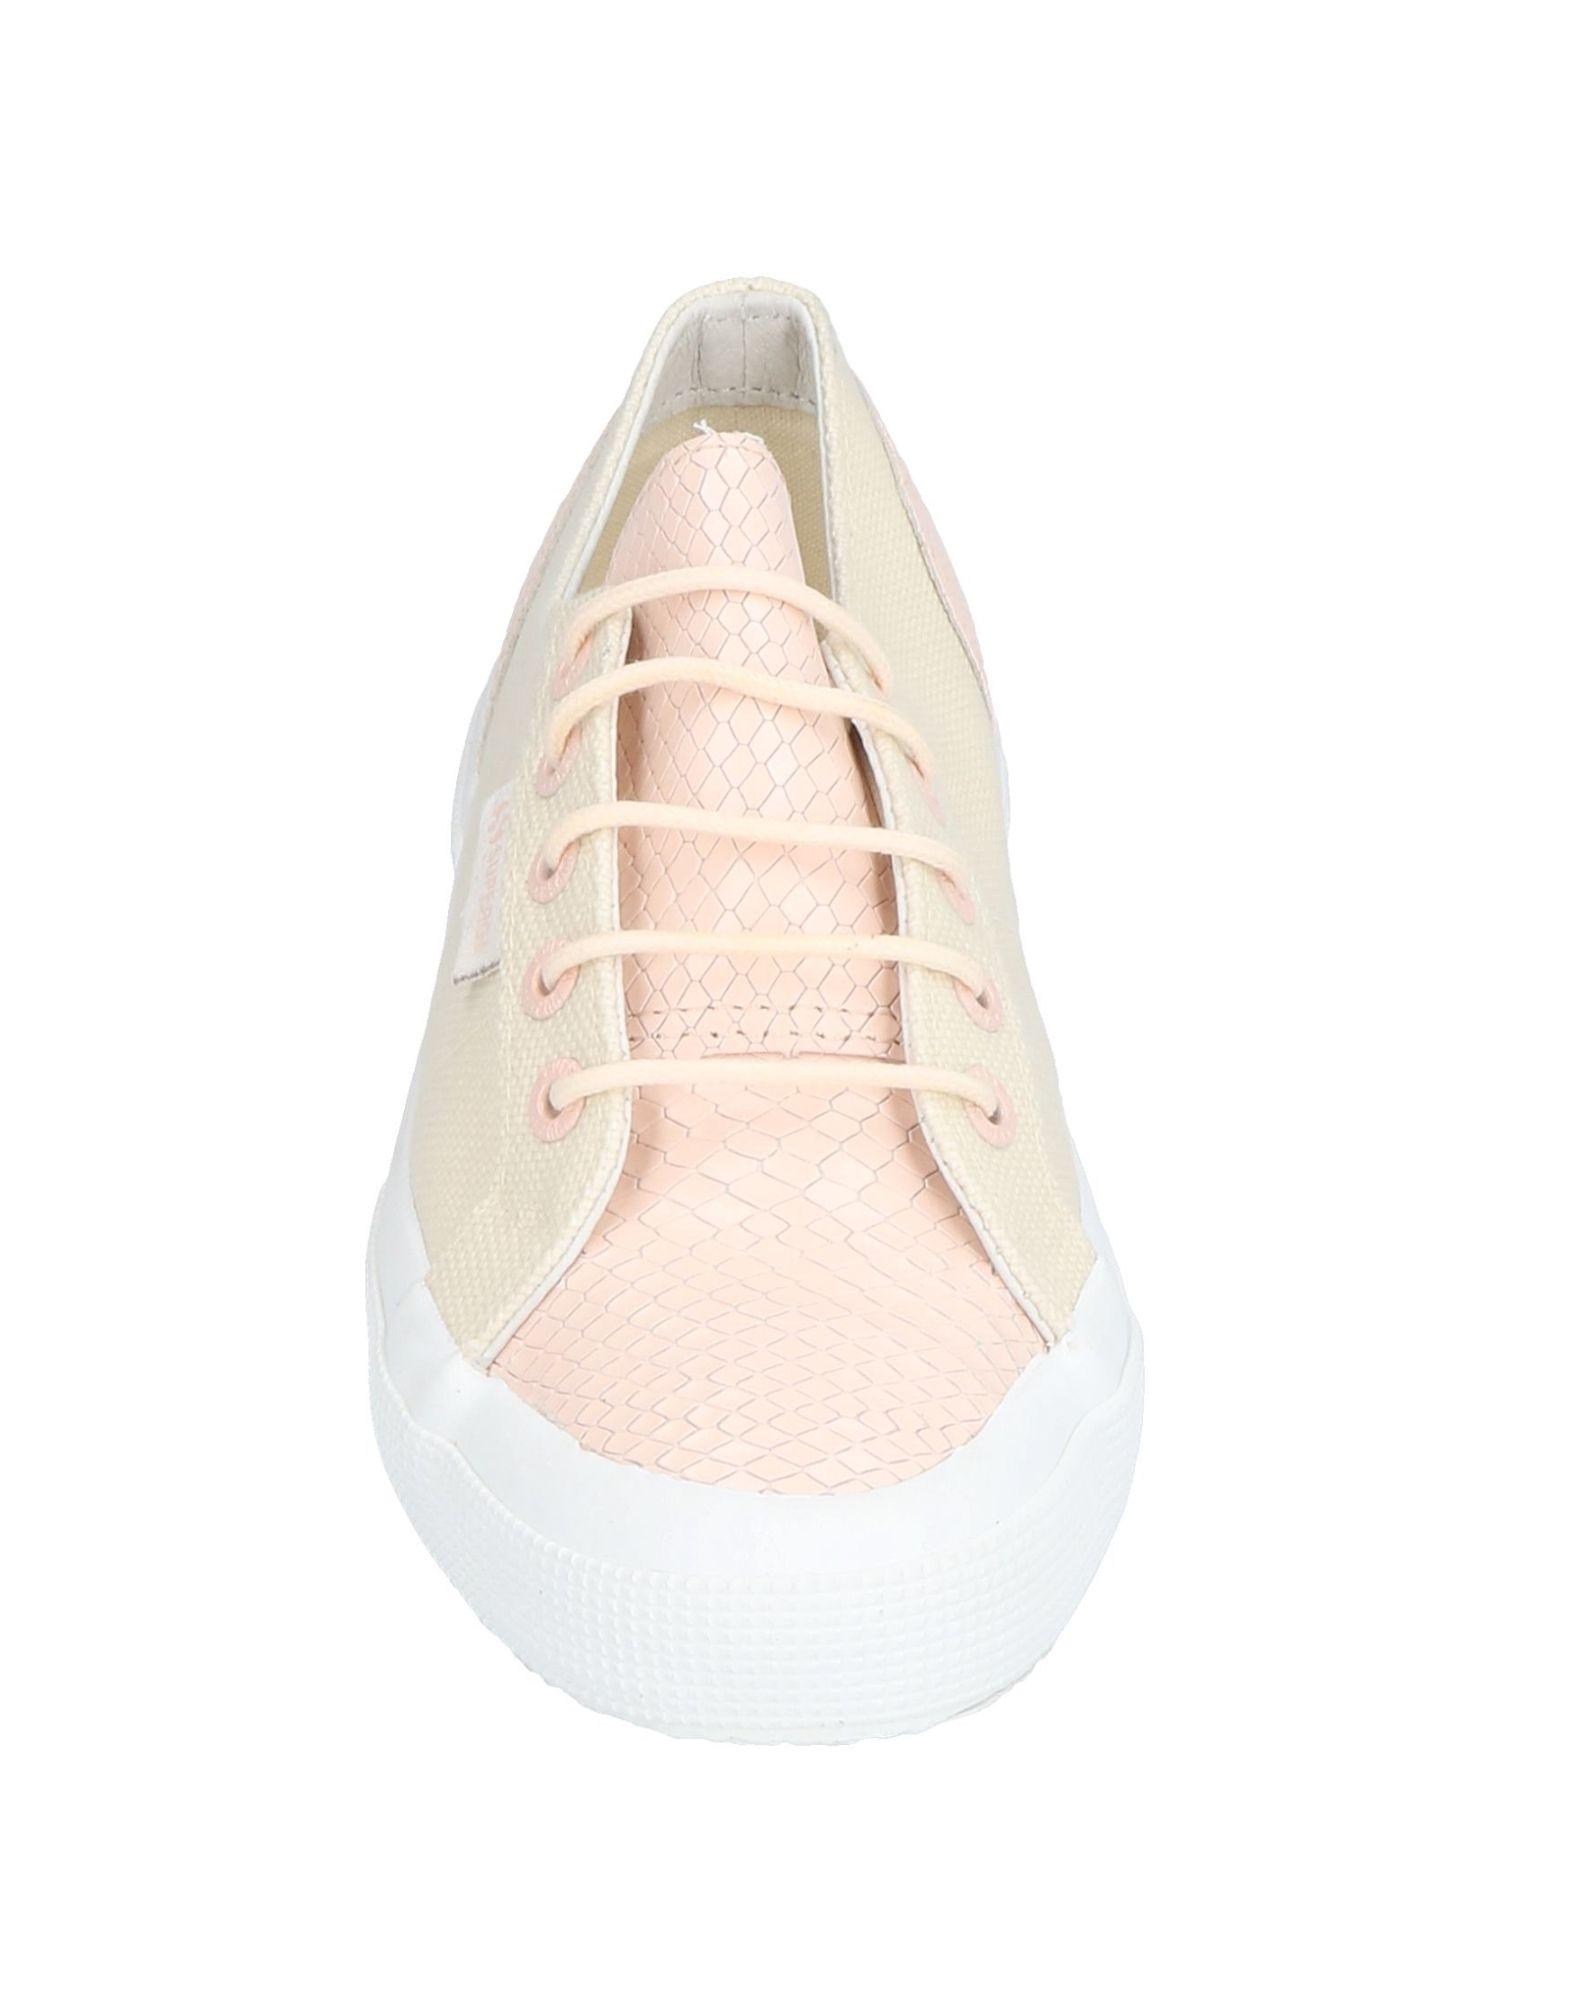 Günstige Damen und modische Schuhe Superga® Sneakers Damen Günstige  11486559EM 2ab8bb